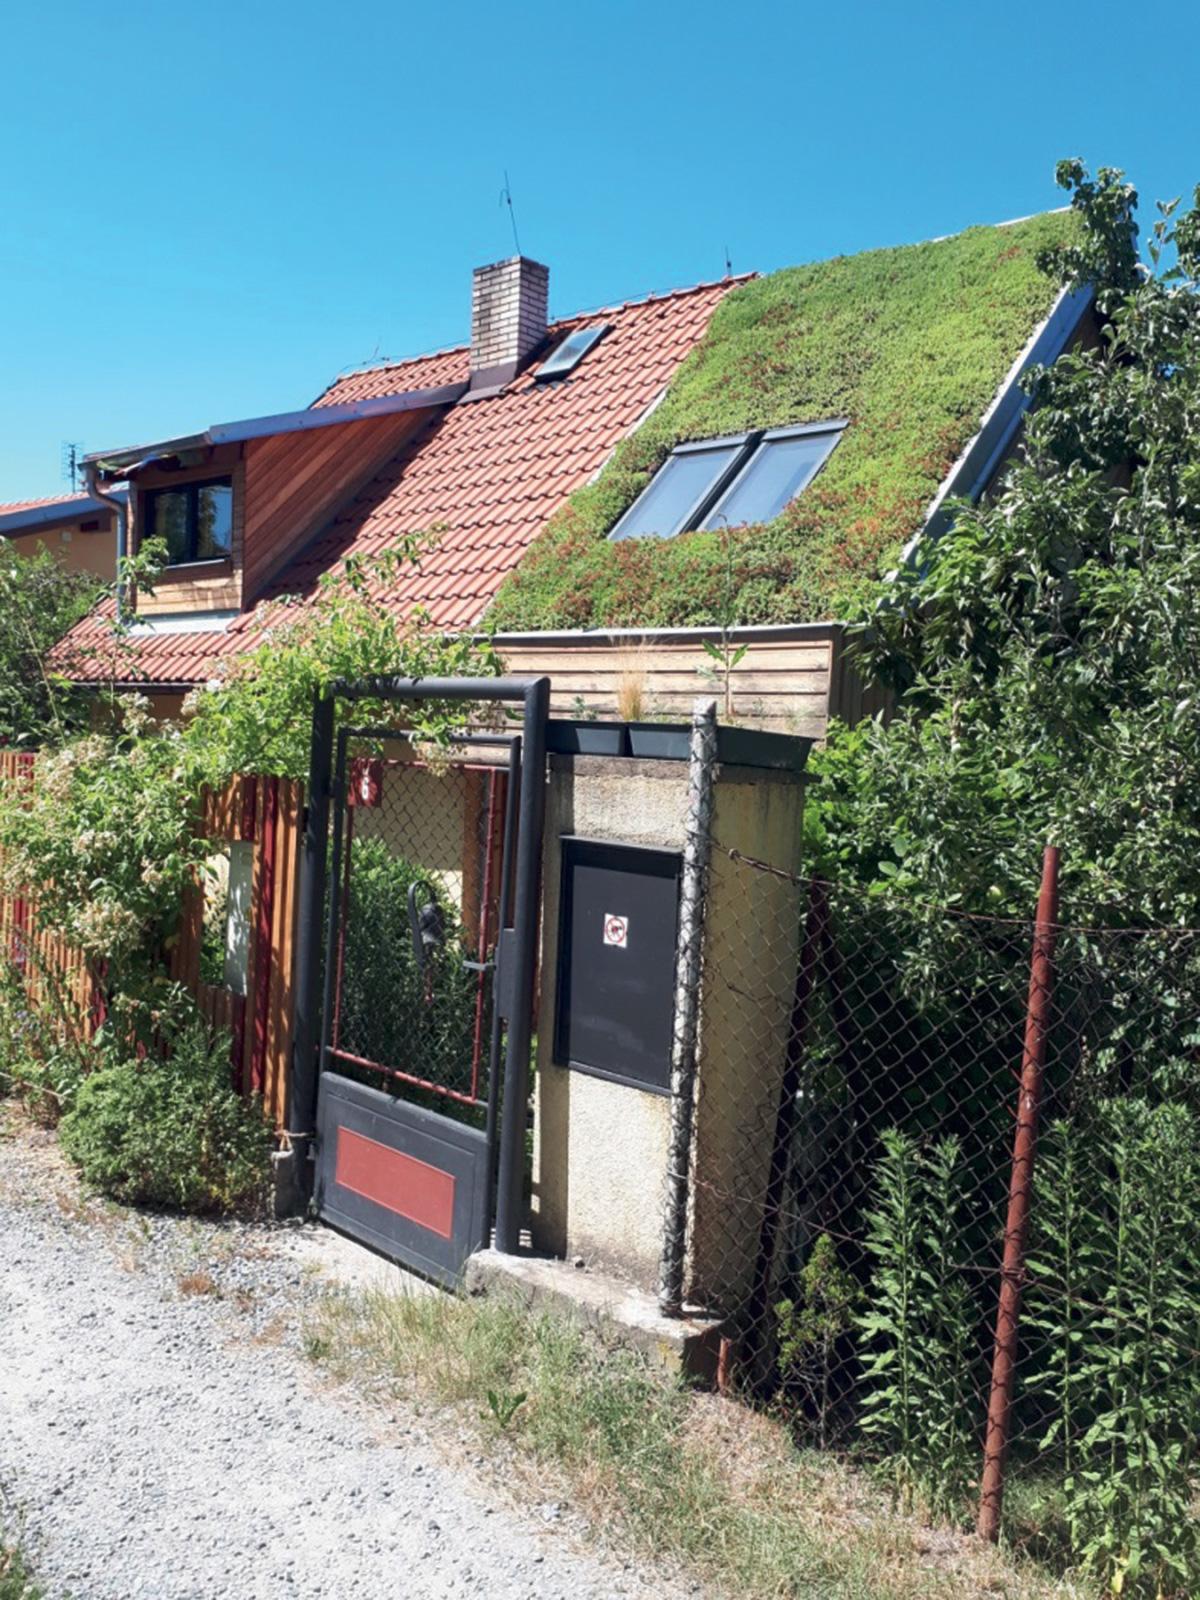 Obr. 3 Vítězná vegetační střecha roku 2019